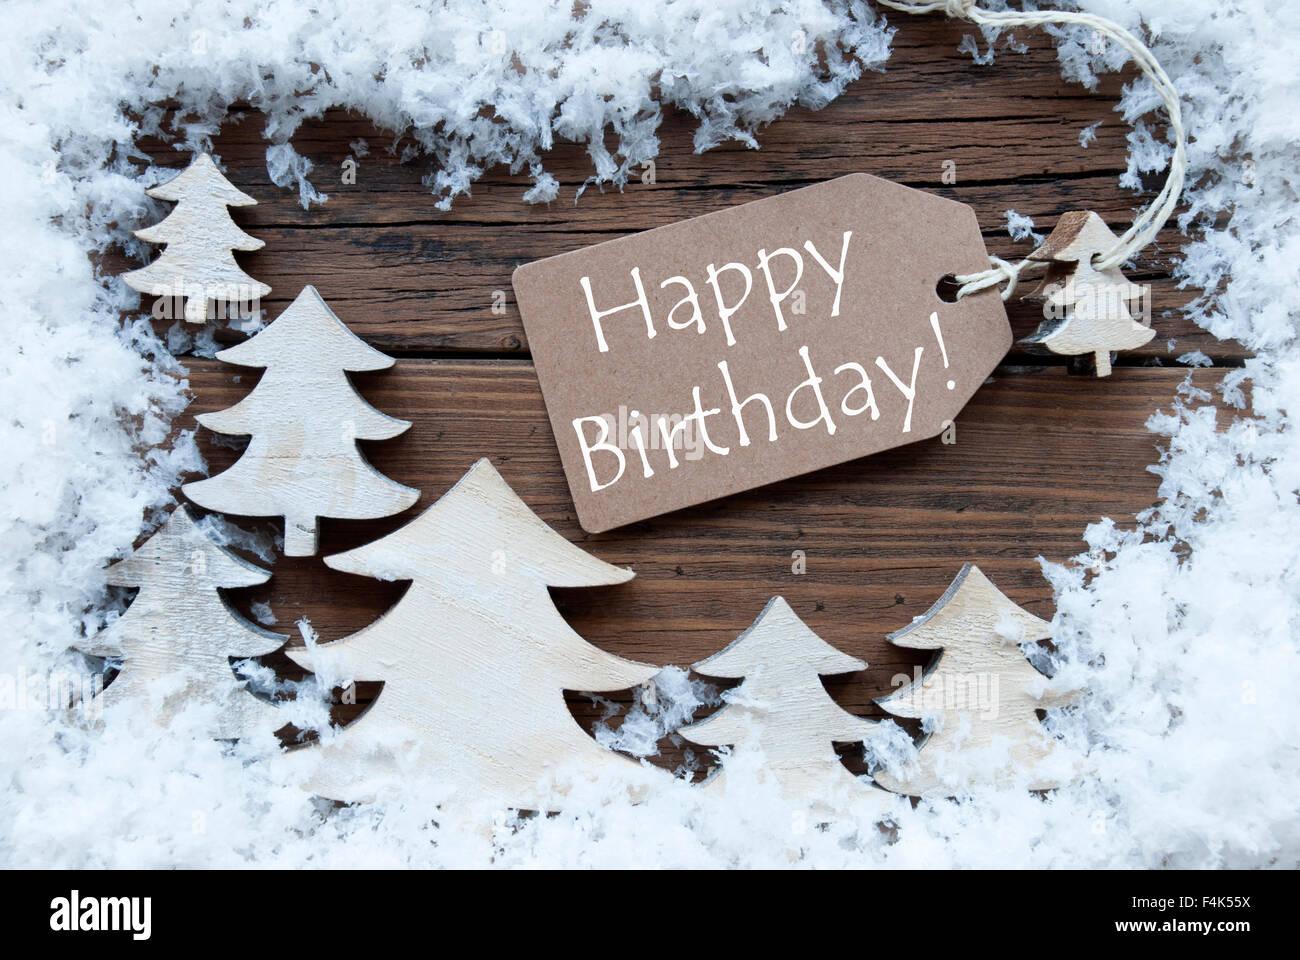 Beschriften Sie Weihnachtsbaume Und Schnee Alles Gute Zum Geburtstag